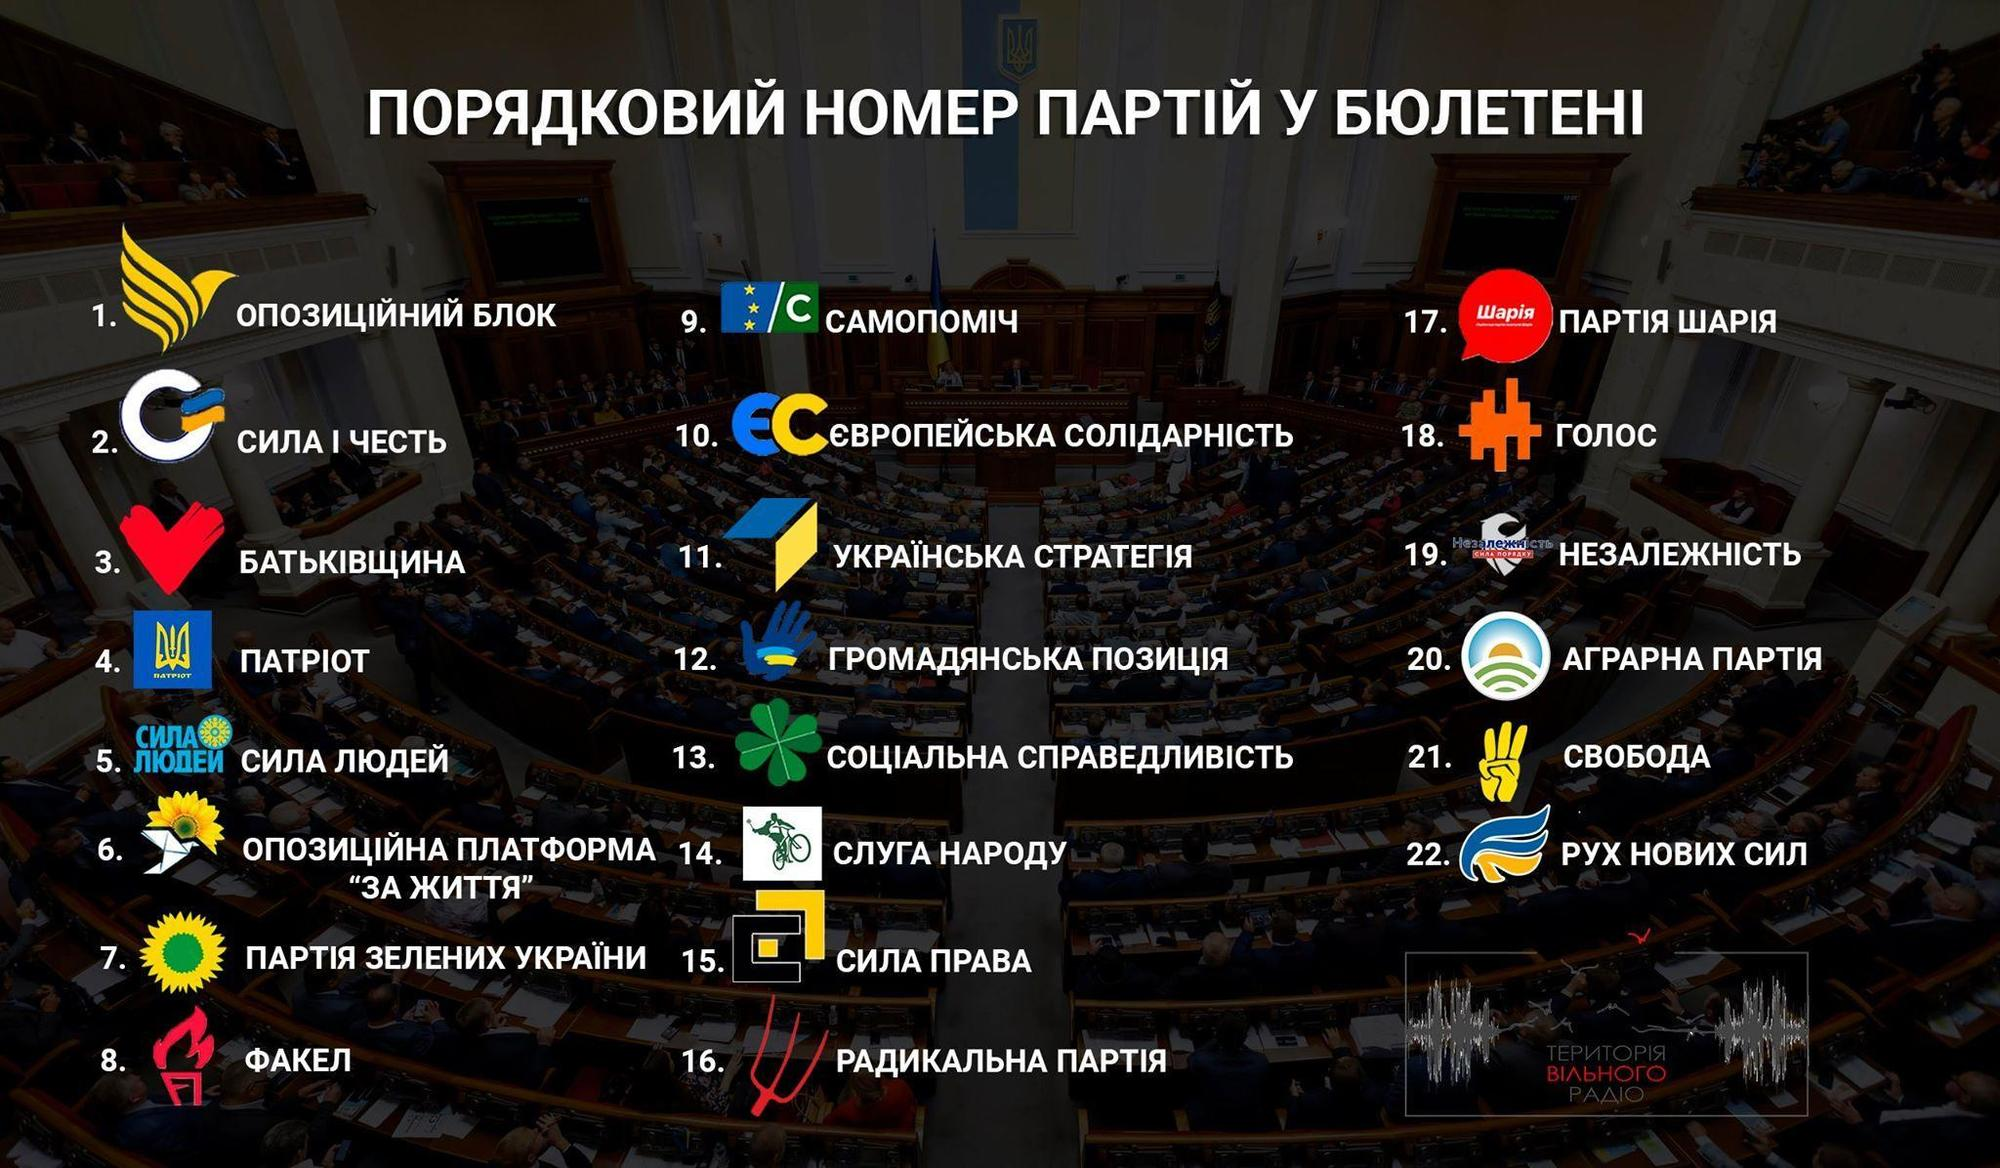 На виборах в бюлетені буде 22 партії